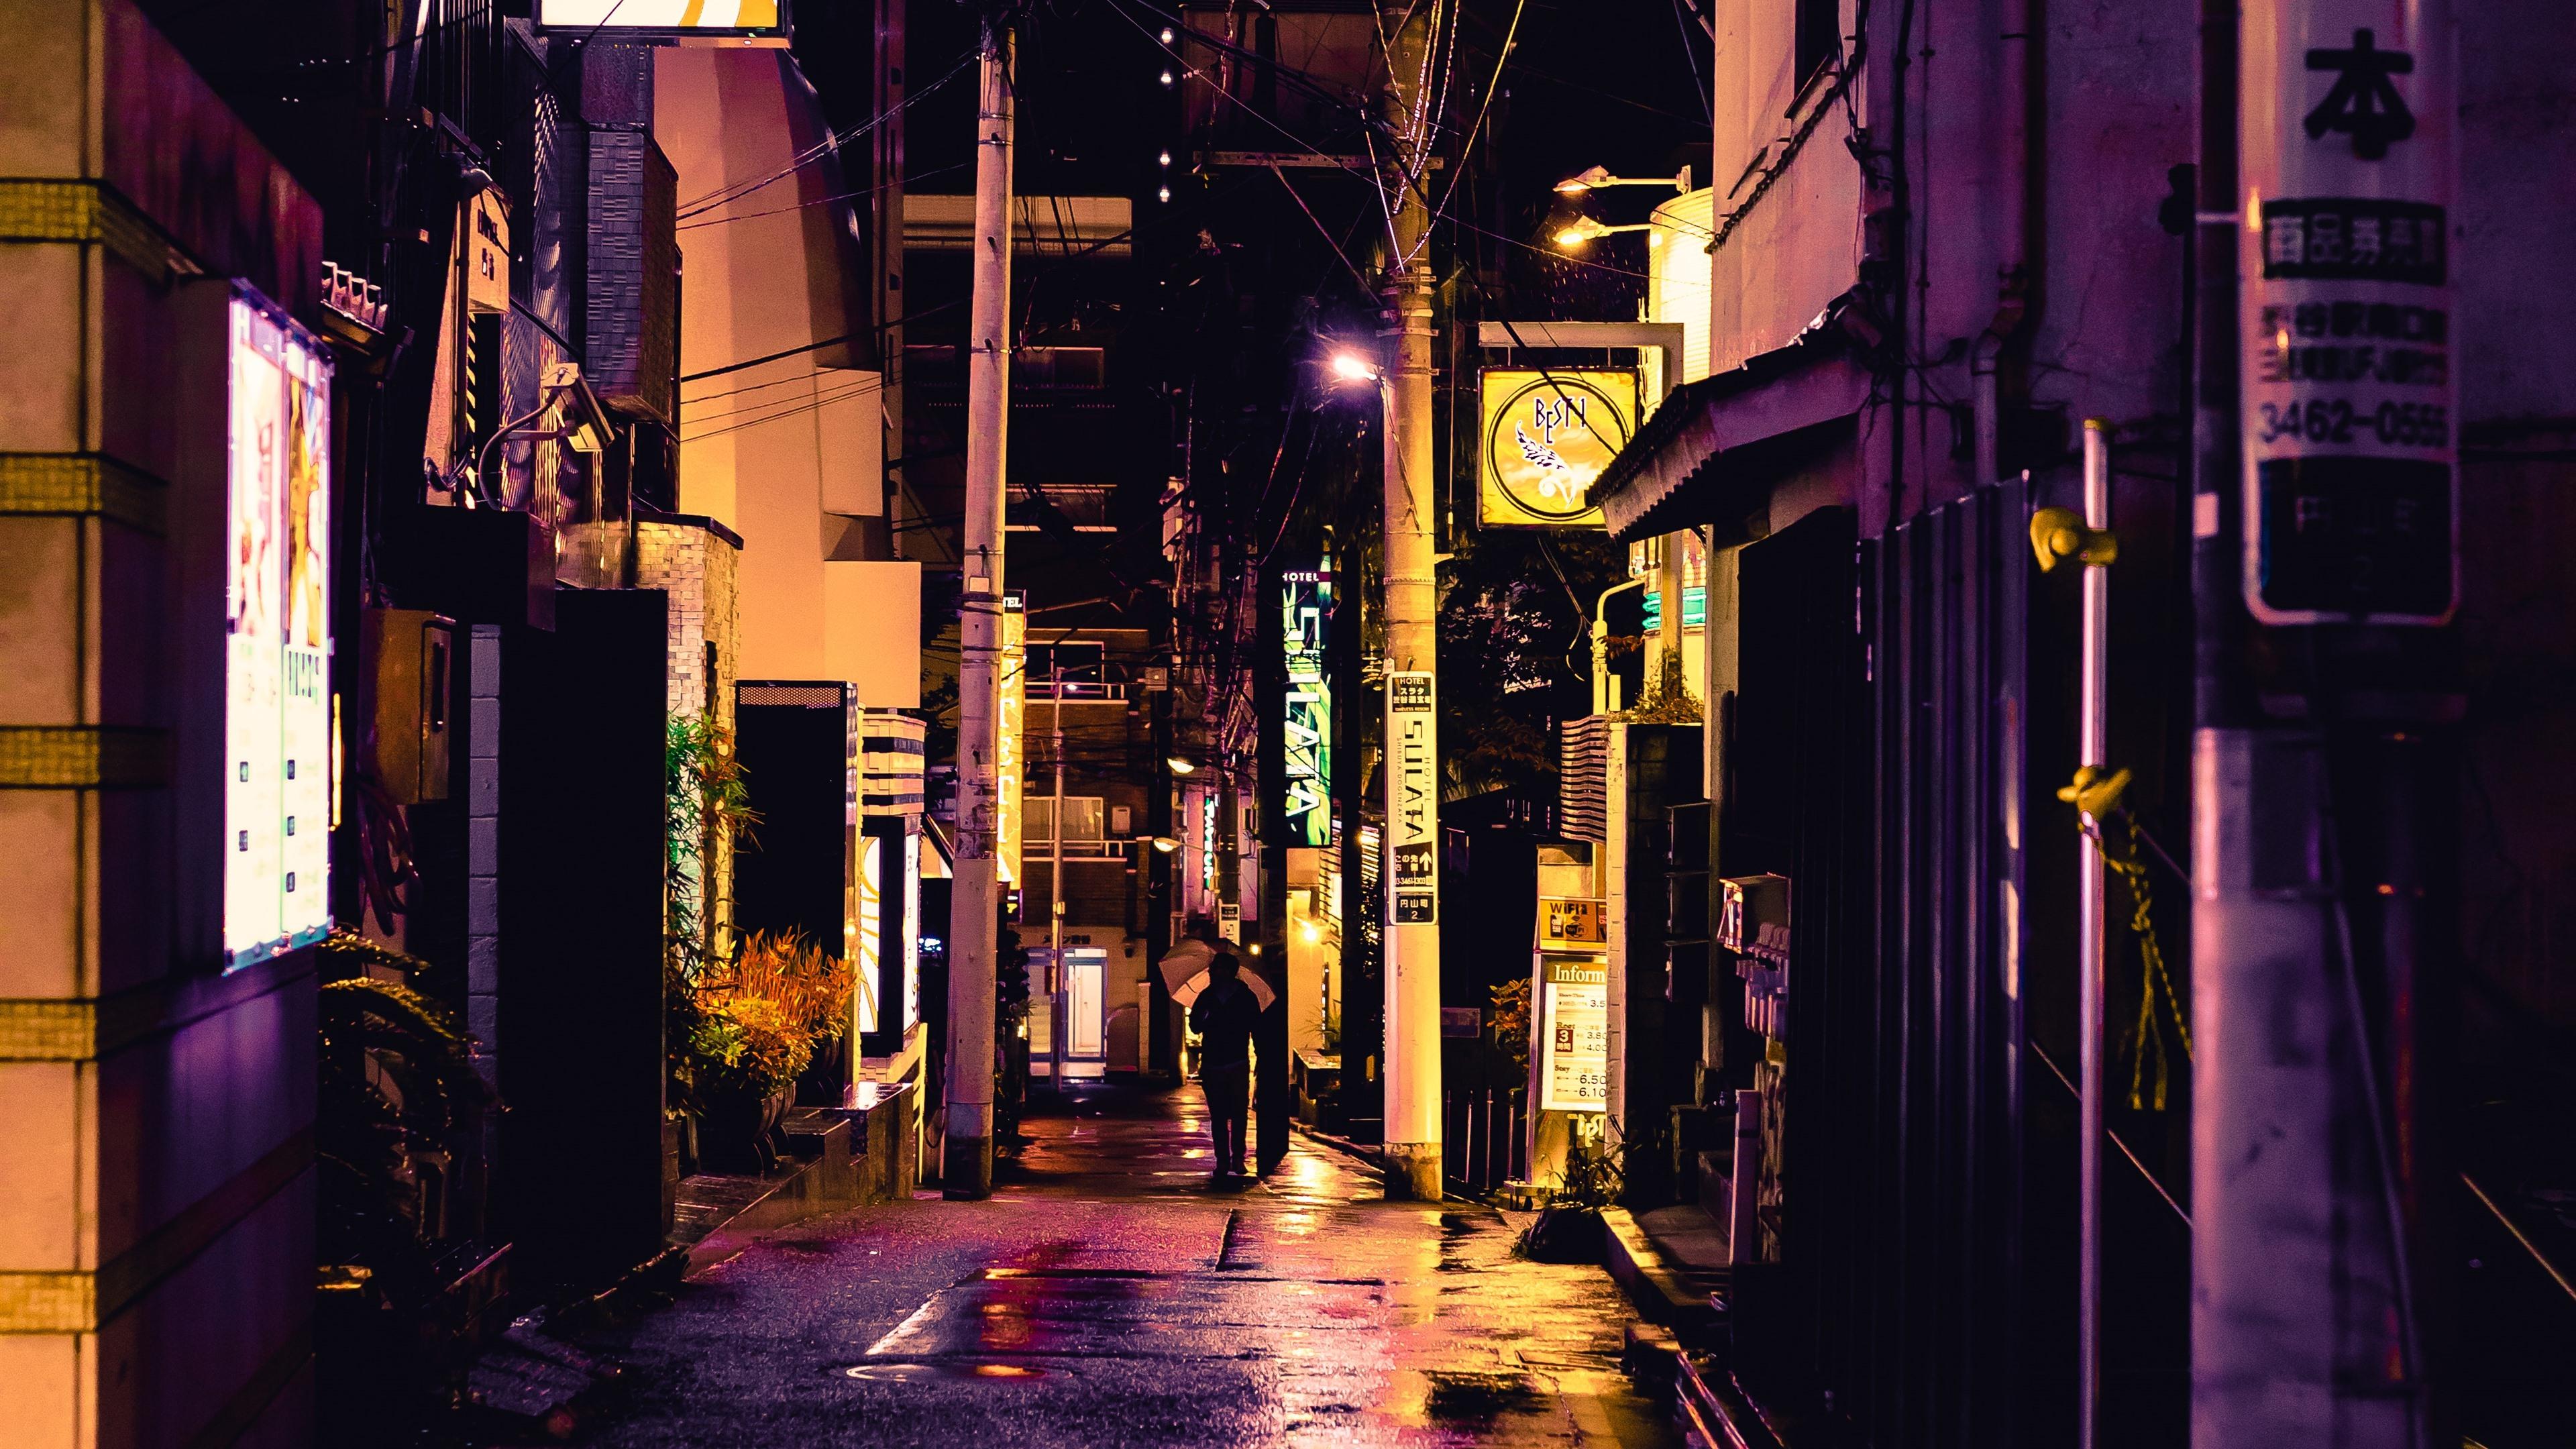 壁纸 街道,城市,胡同,夜晚,灯光,日本 3840x2160 Uhd 4k 高清壁纸 图片 照片